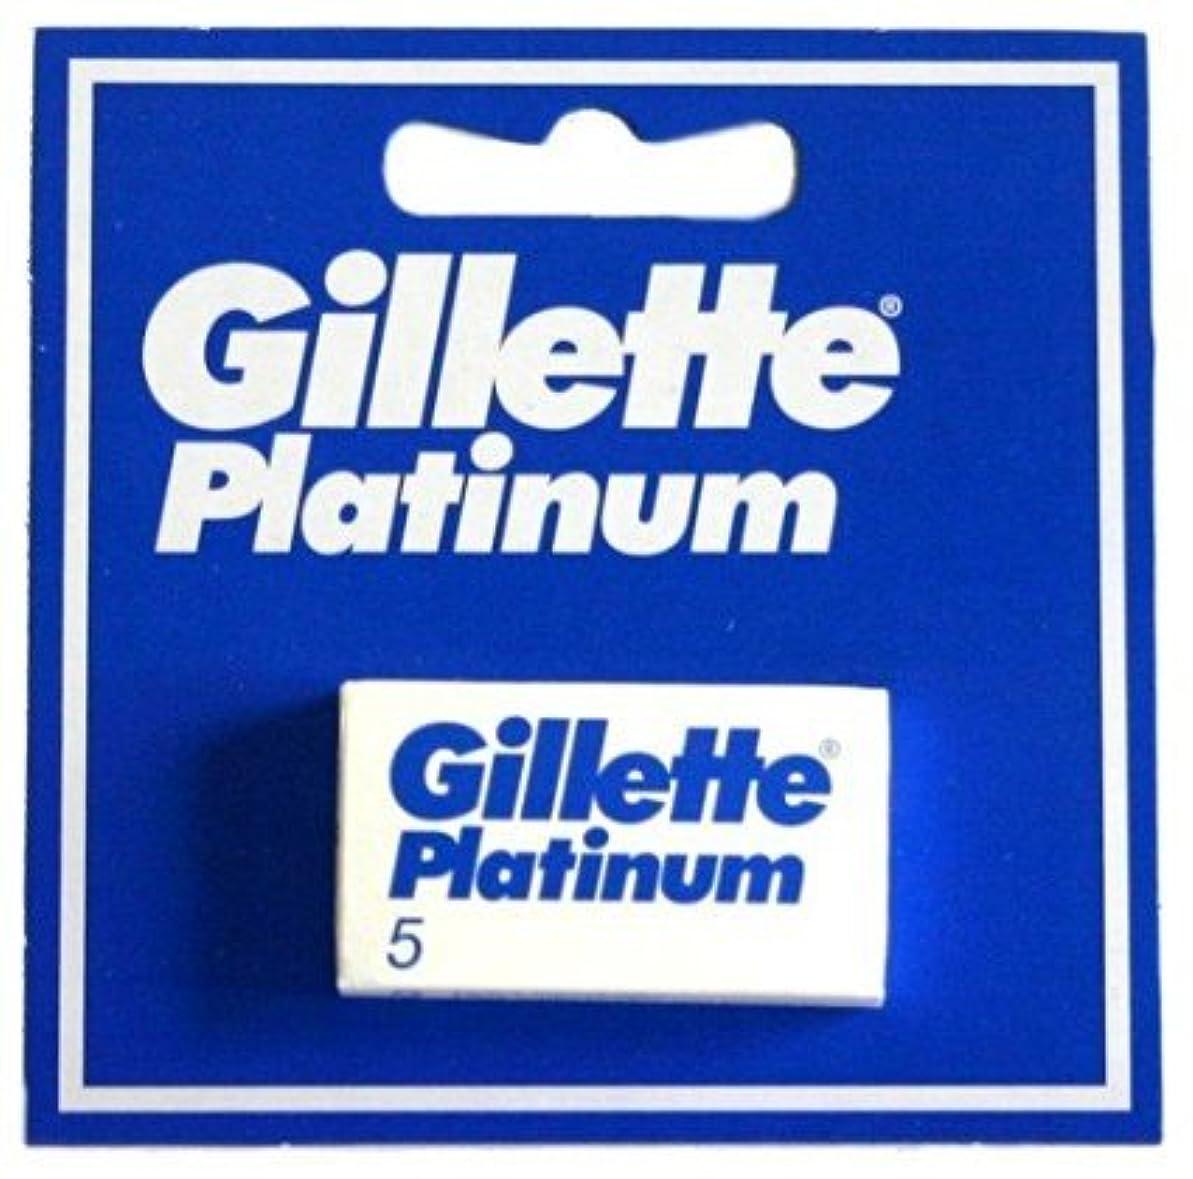 宇宙ダメージコードGillette Platinum [プレミアムホワイトボックス版!] ジレット プラチナ 両刃替刃 20個入り (5*4) [海外直送品] [並行輸入品]